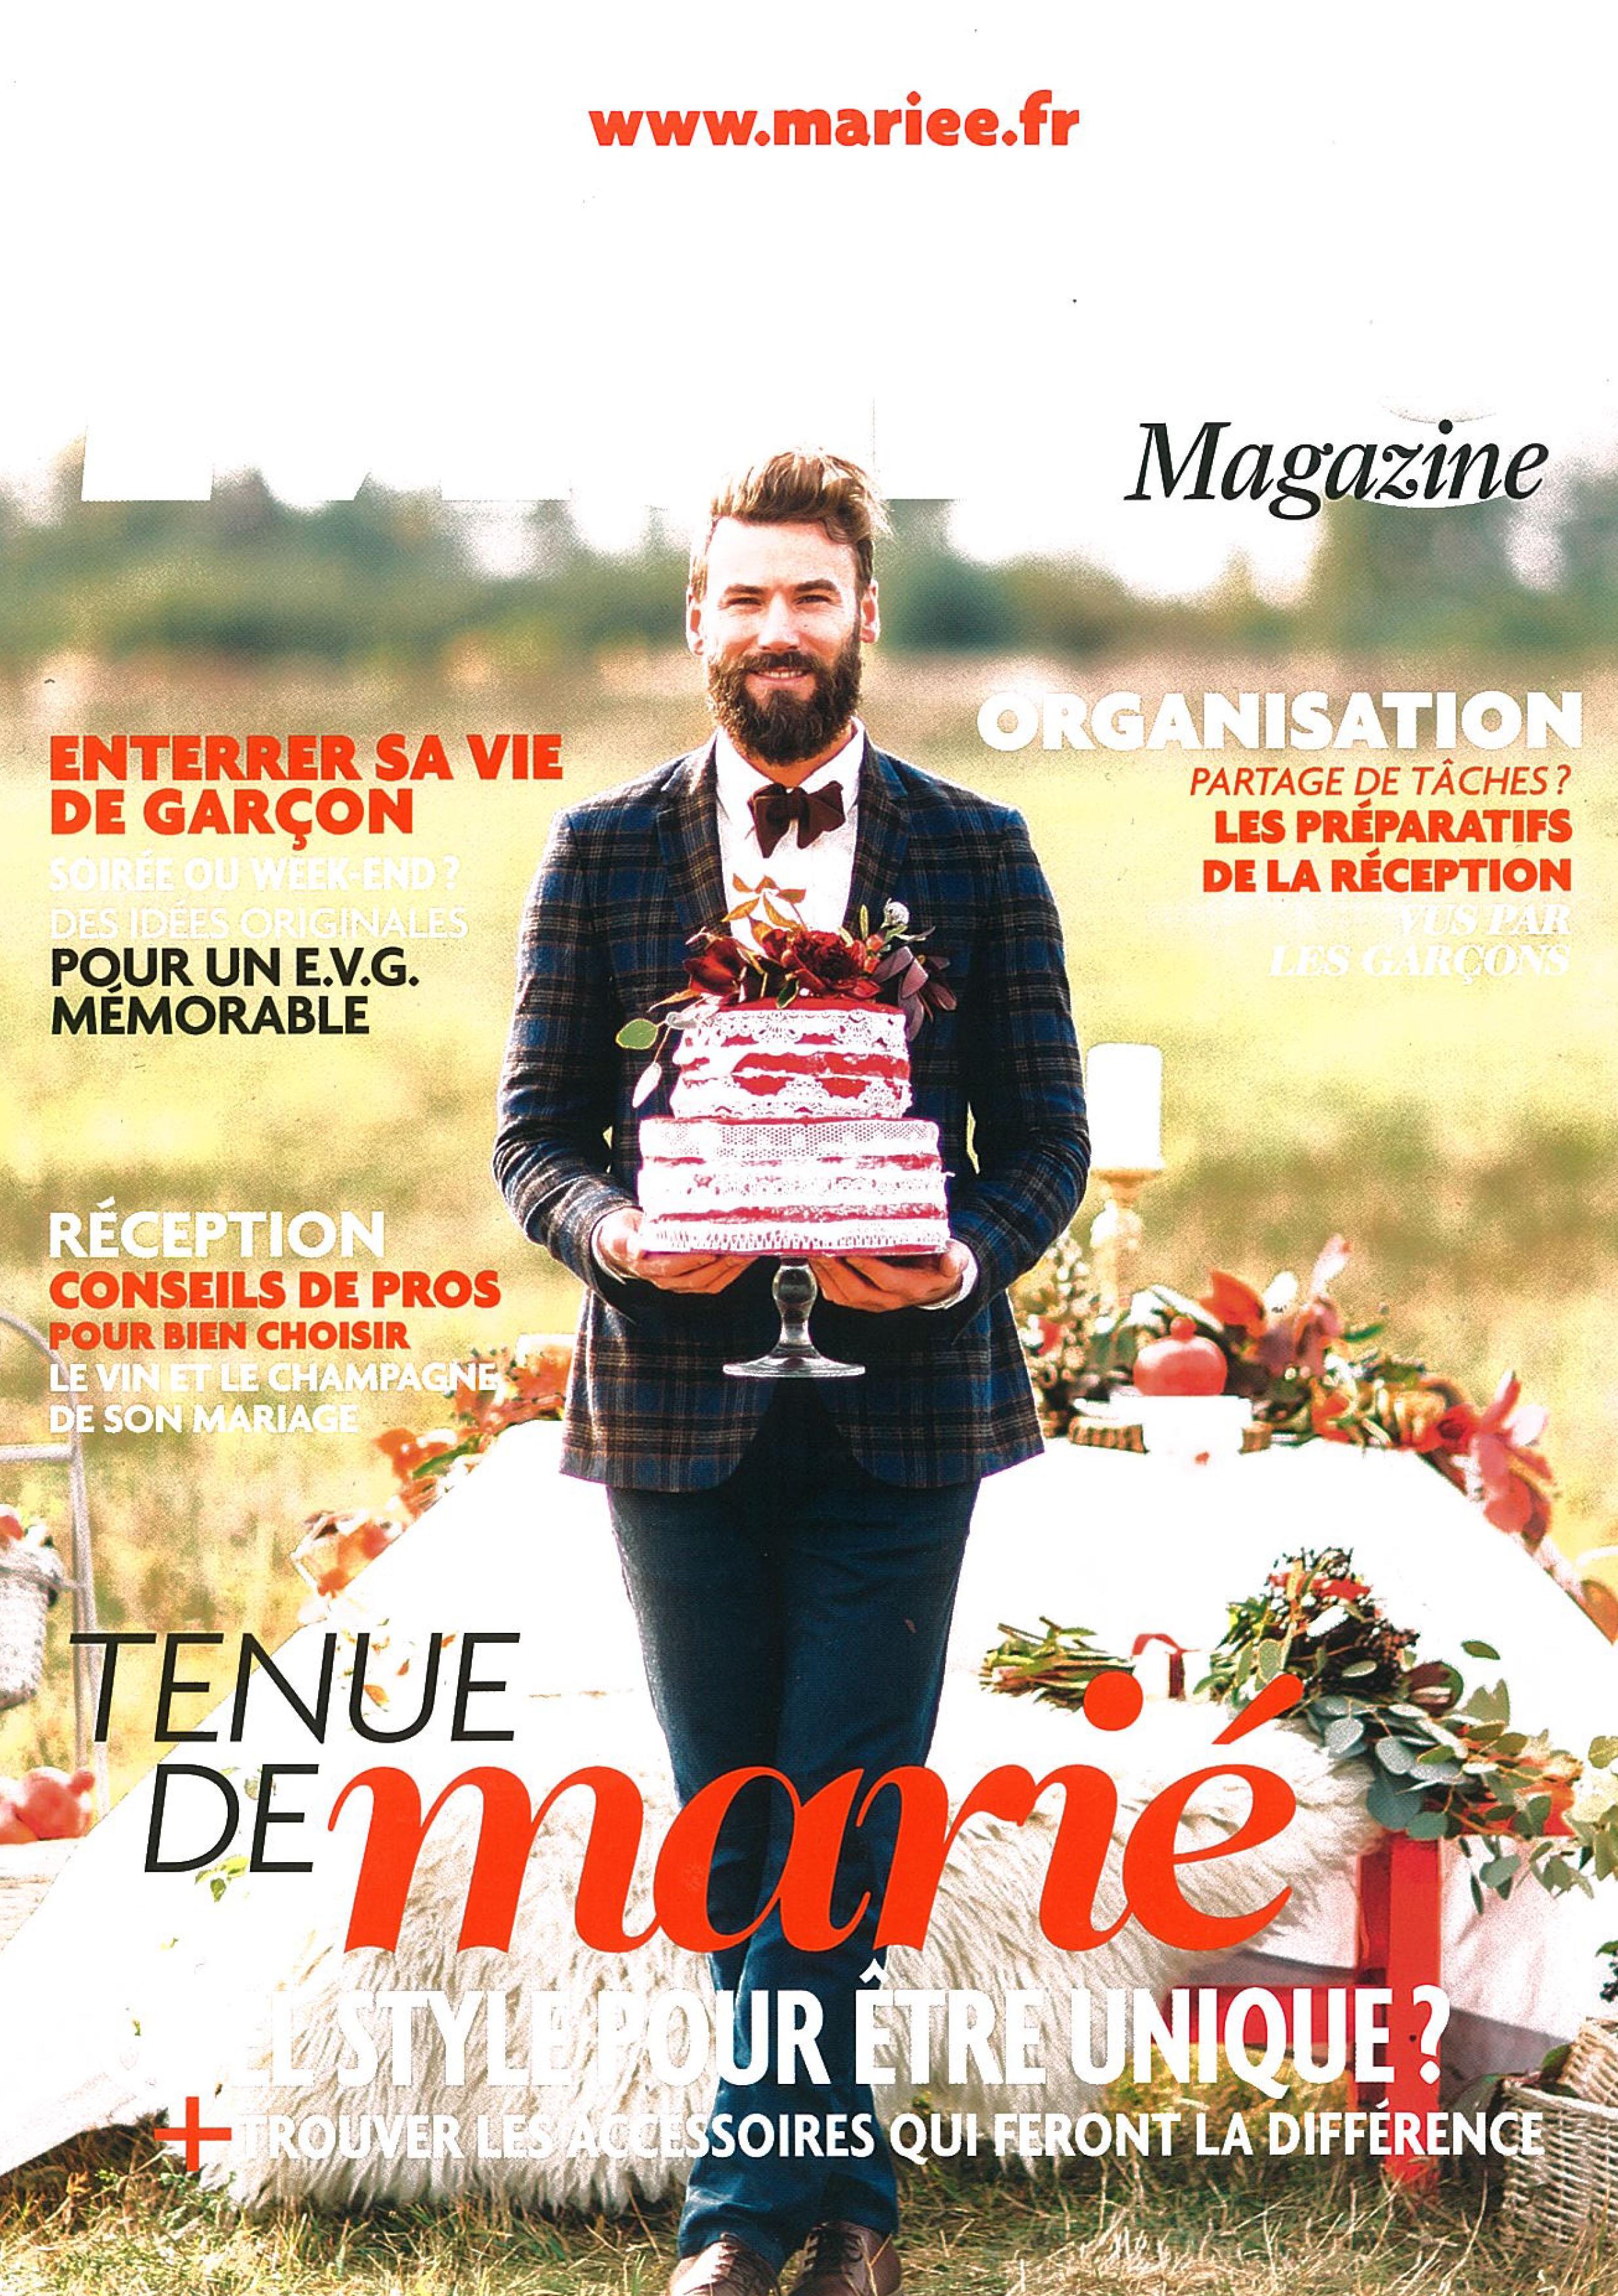 Supplément Hommes du Mariée Magazine Mars Avril Mai 2017 couverture